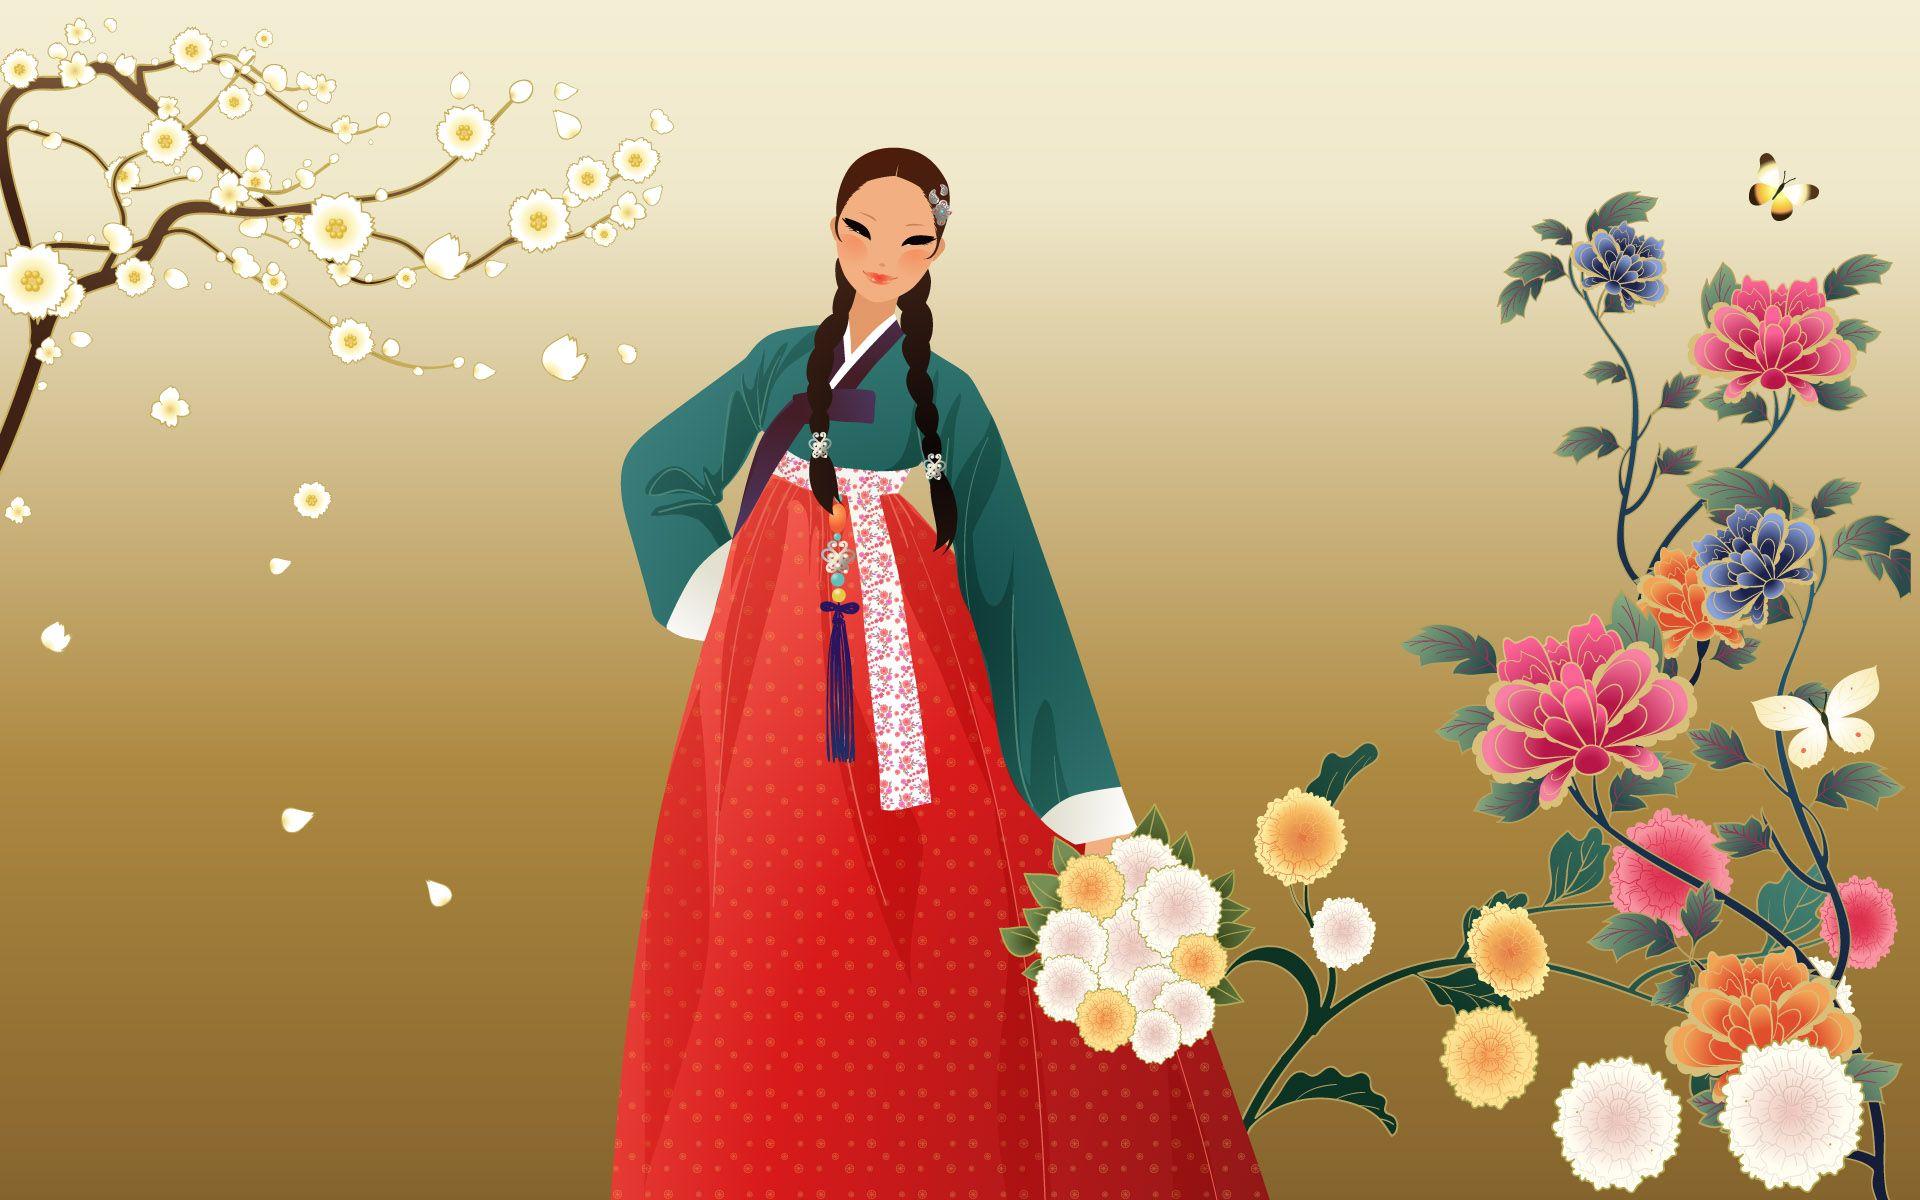 Korean+Anime+wallpaper Korean art work Pinterest